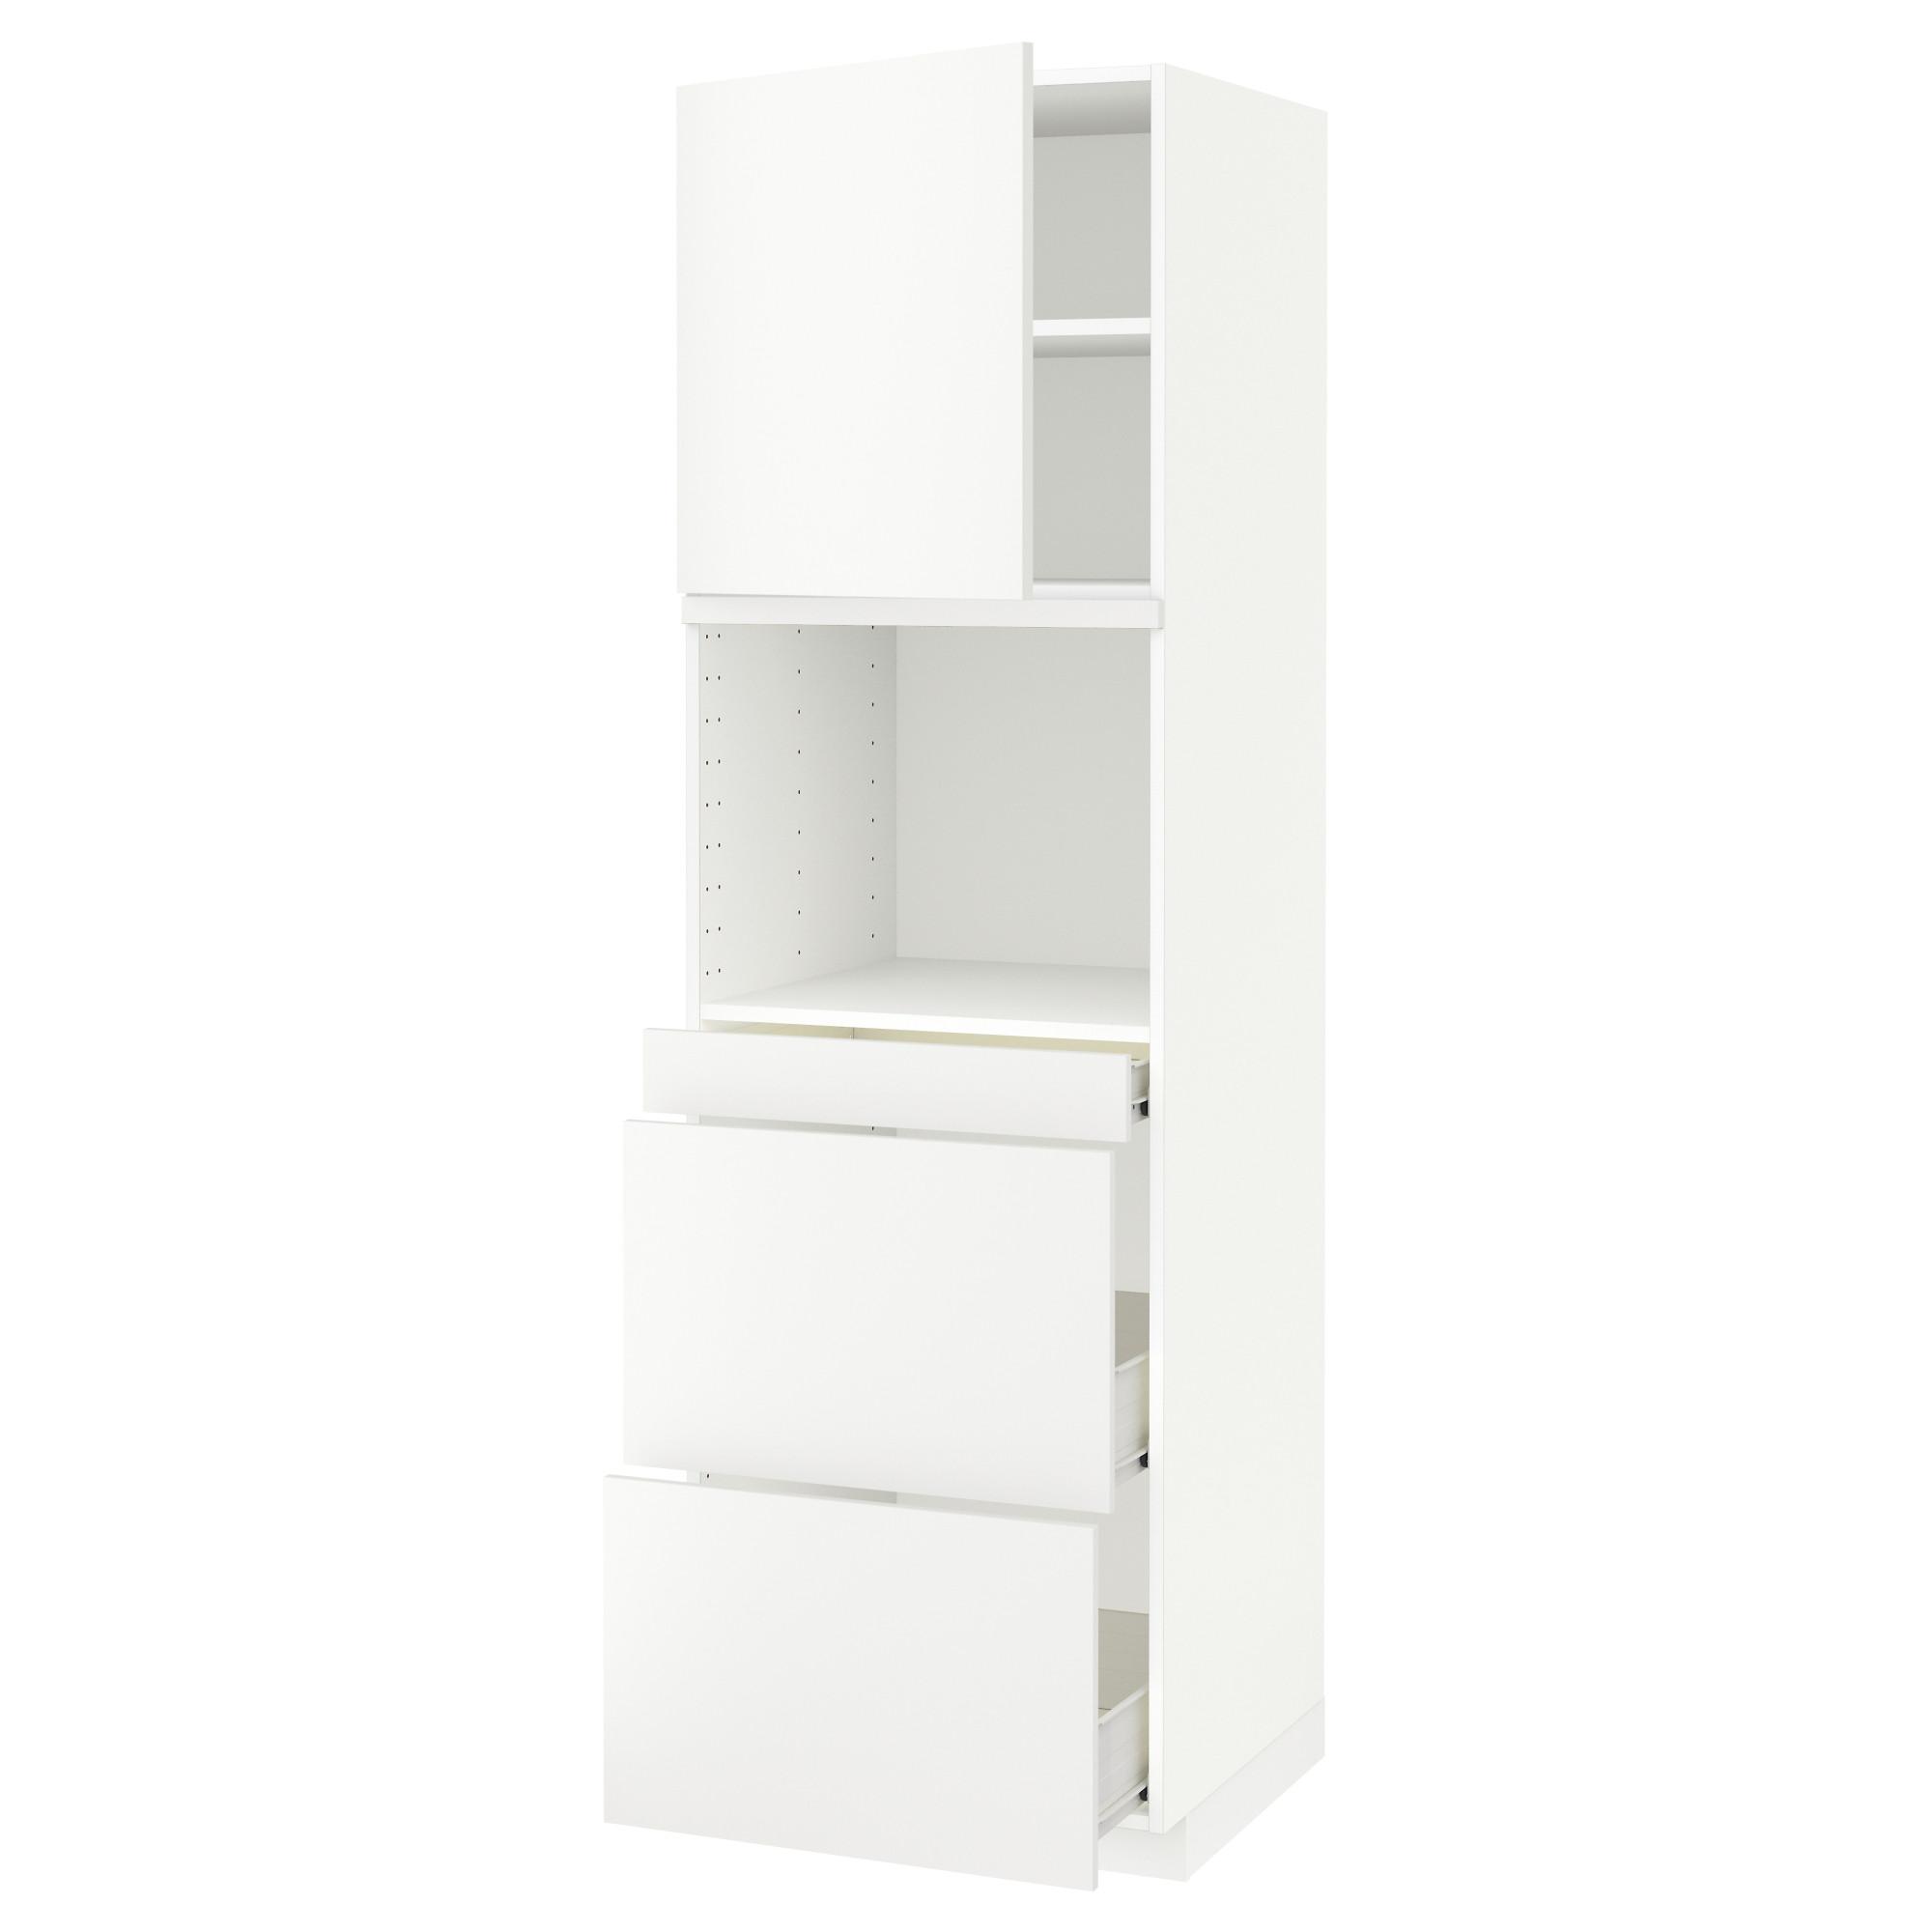 Высокий шкаф для СВЧ/дверца, 3 ящика МЕТОД / ФОРВАРА белый артикуль № 992.621.30 в наличии. Интернет каталог IKEA Минск. Быстрая доставка и установка.